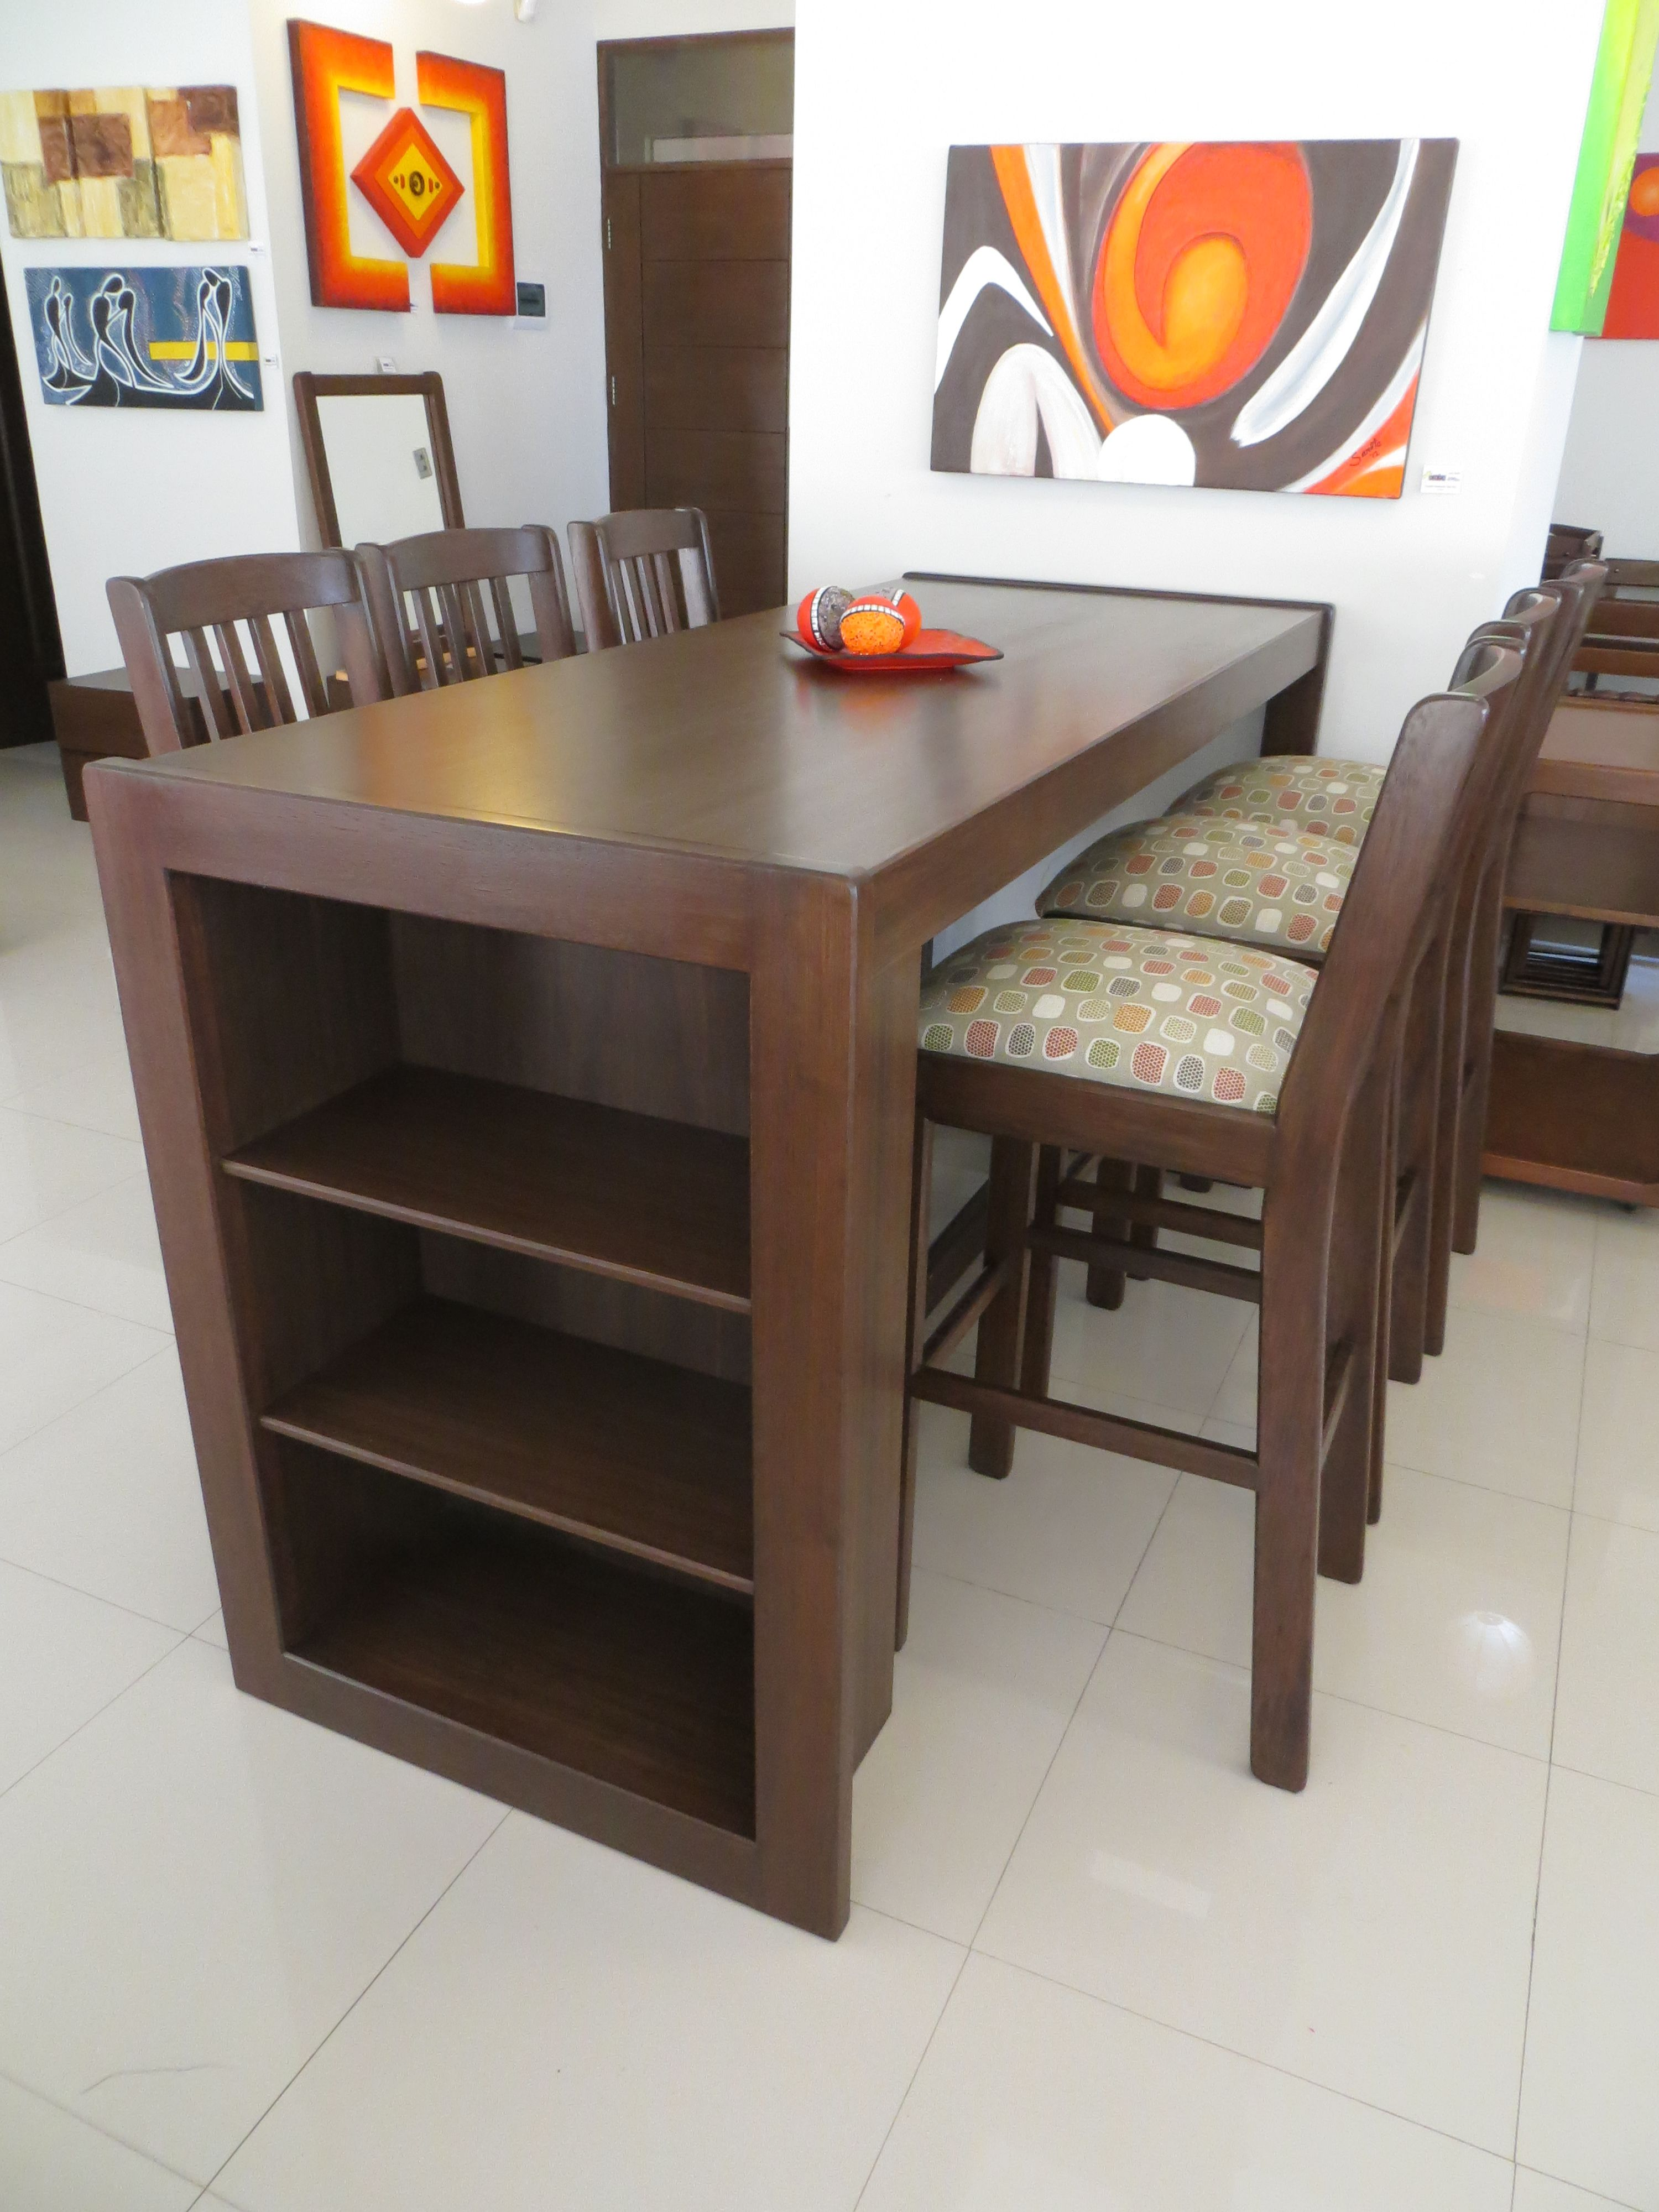 Comedor de diario con 6 sillas altas espacio con for Comedor de diario